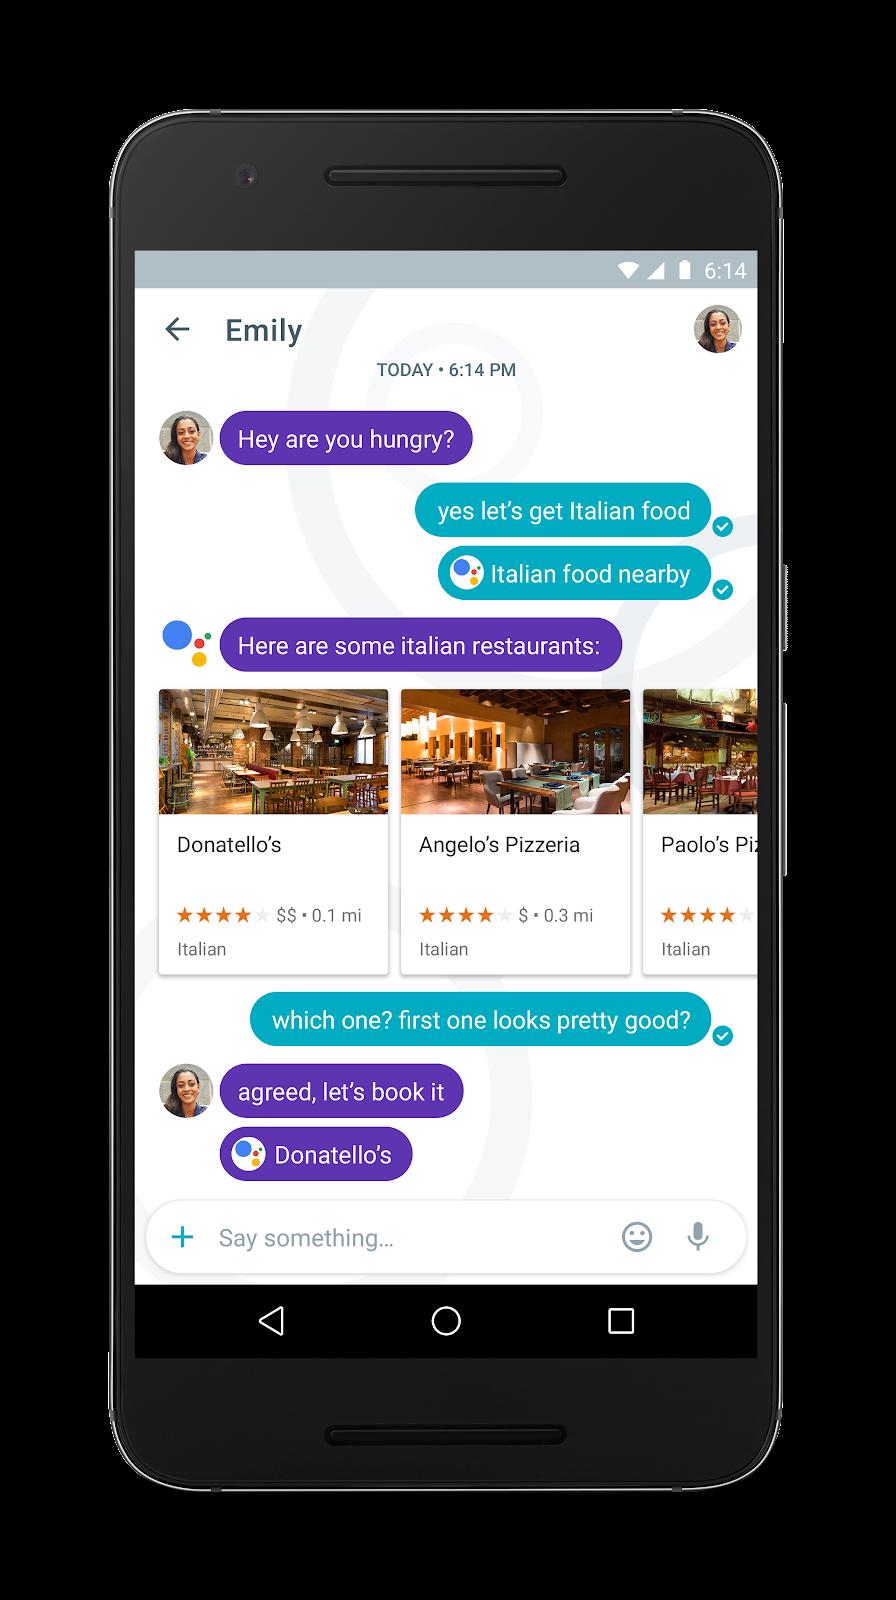 [Atualizado] MEGA LEAK! Faz aqui o Download das novas apps da Google Allo e Duo 1